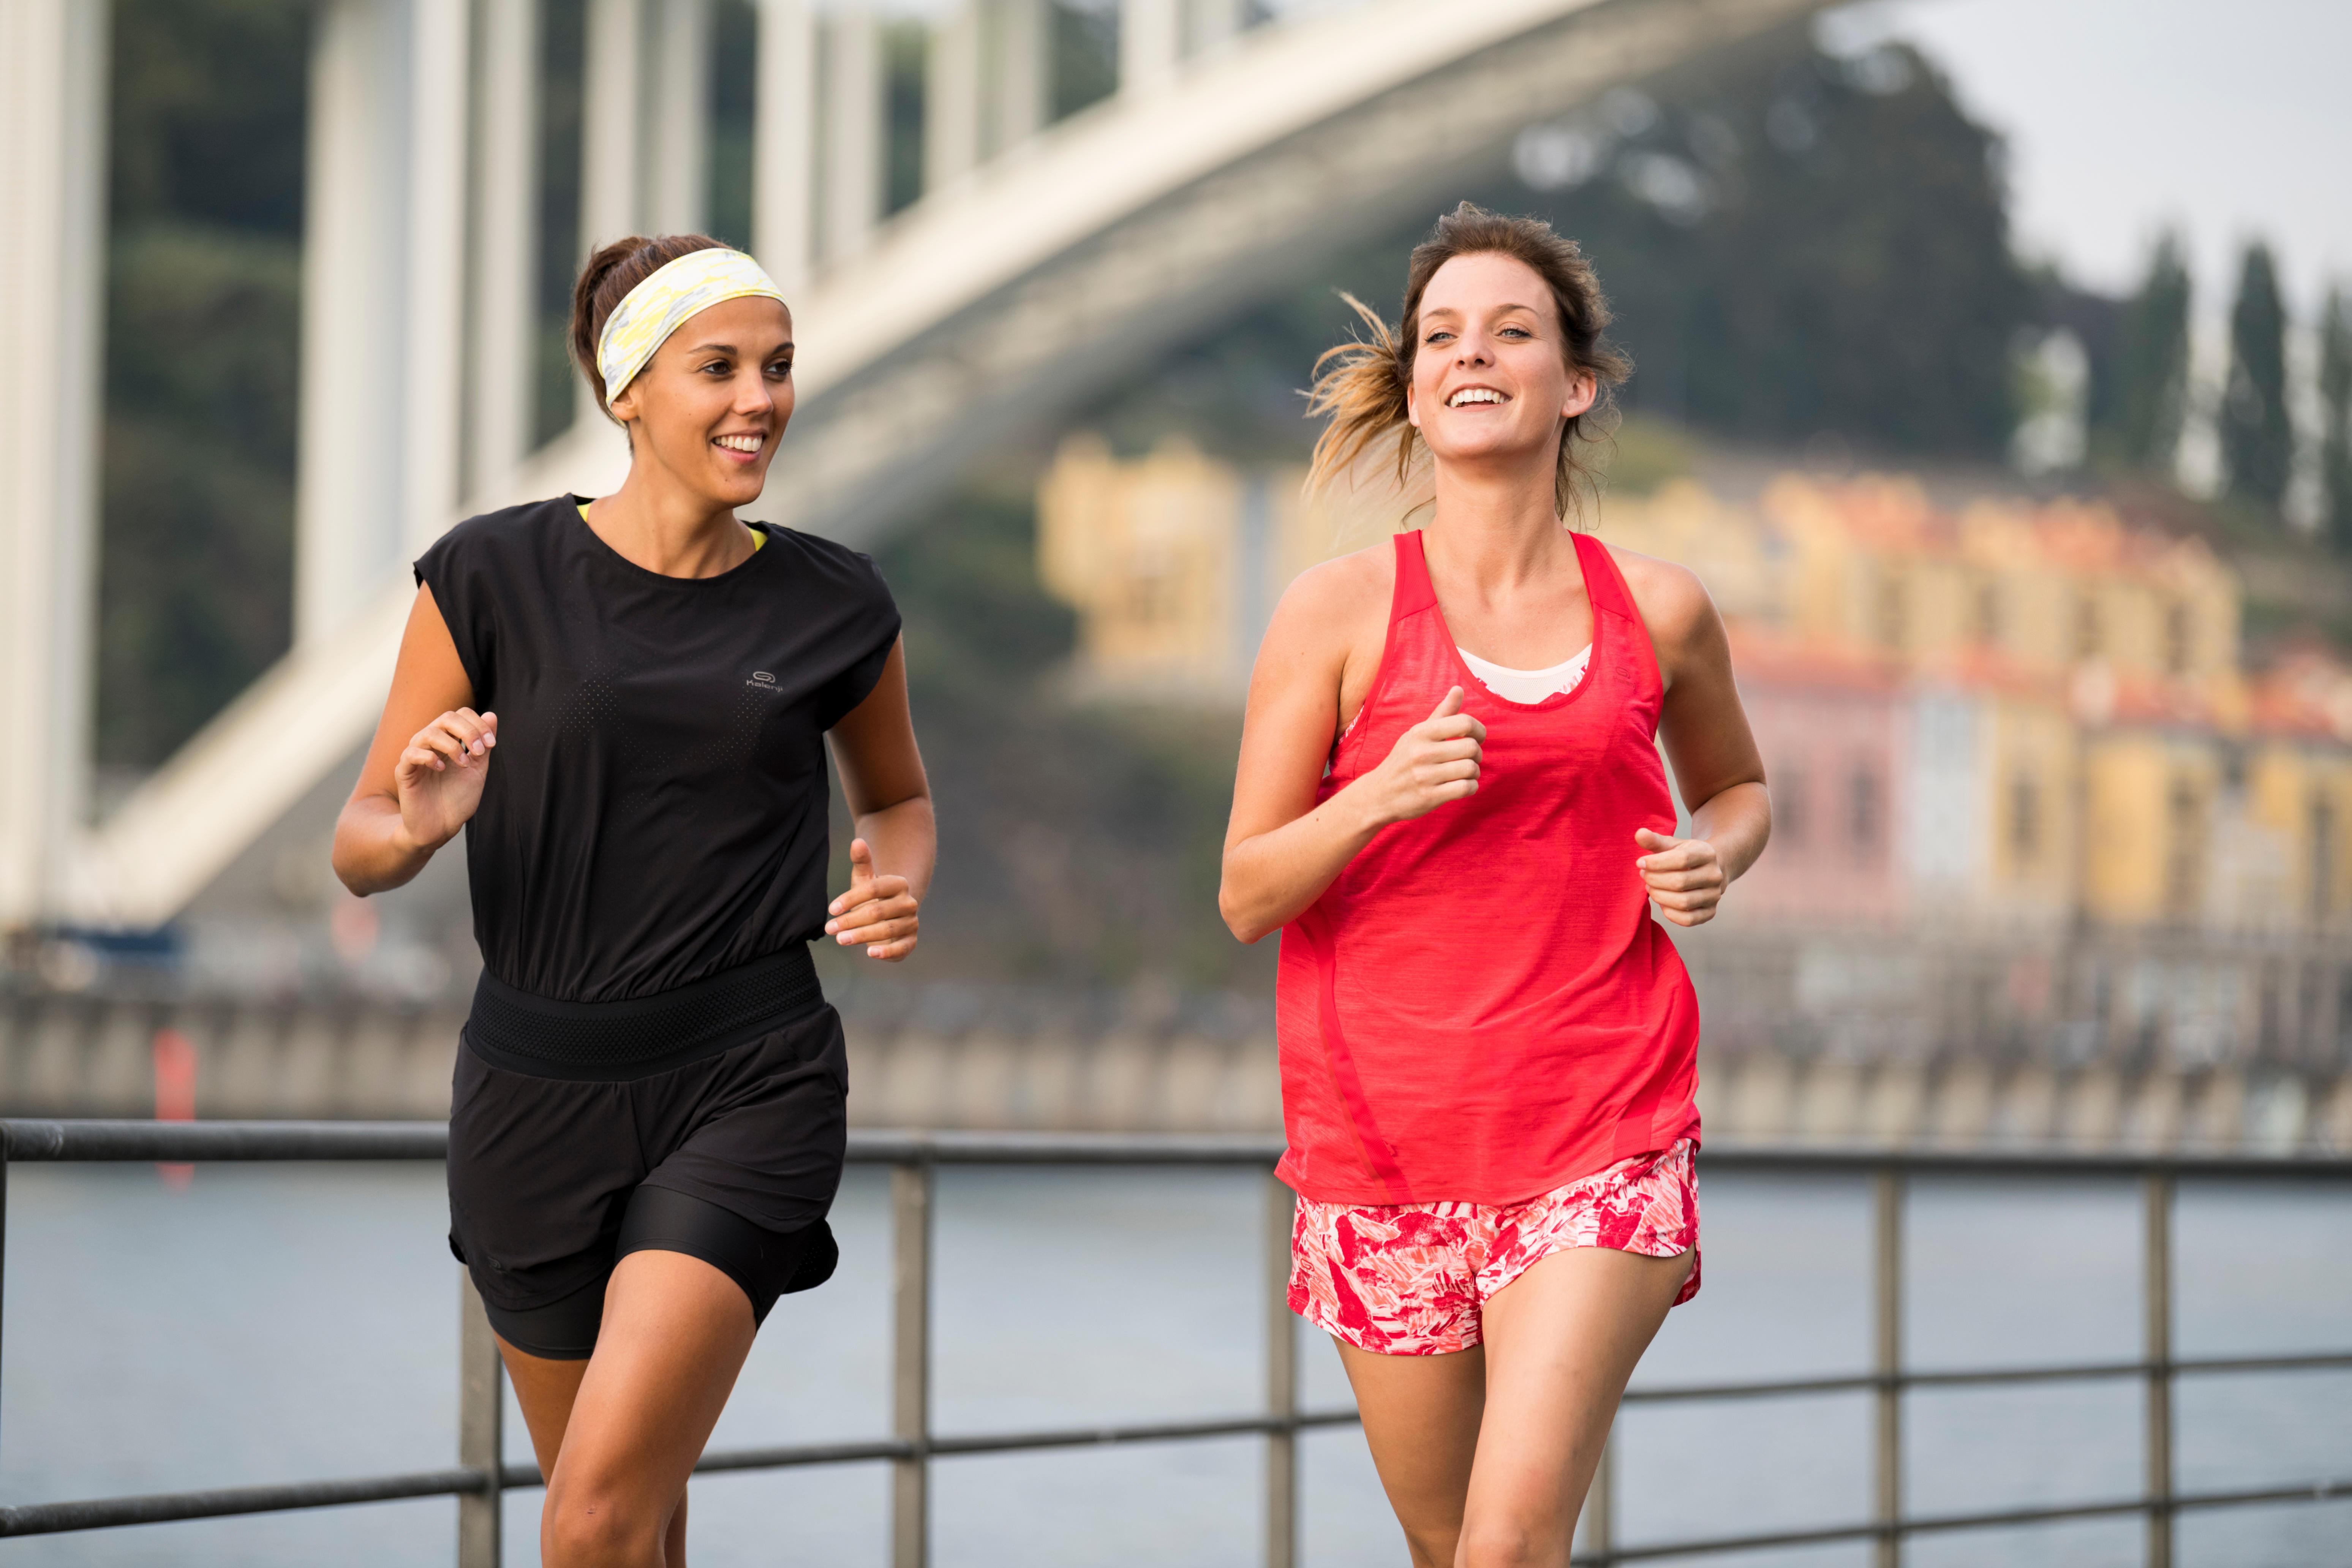 Laufbekleidung Damen Frauen Laufkleidung Running Jogging günstig